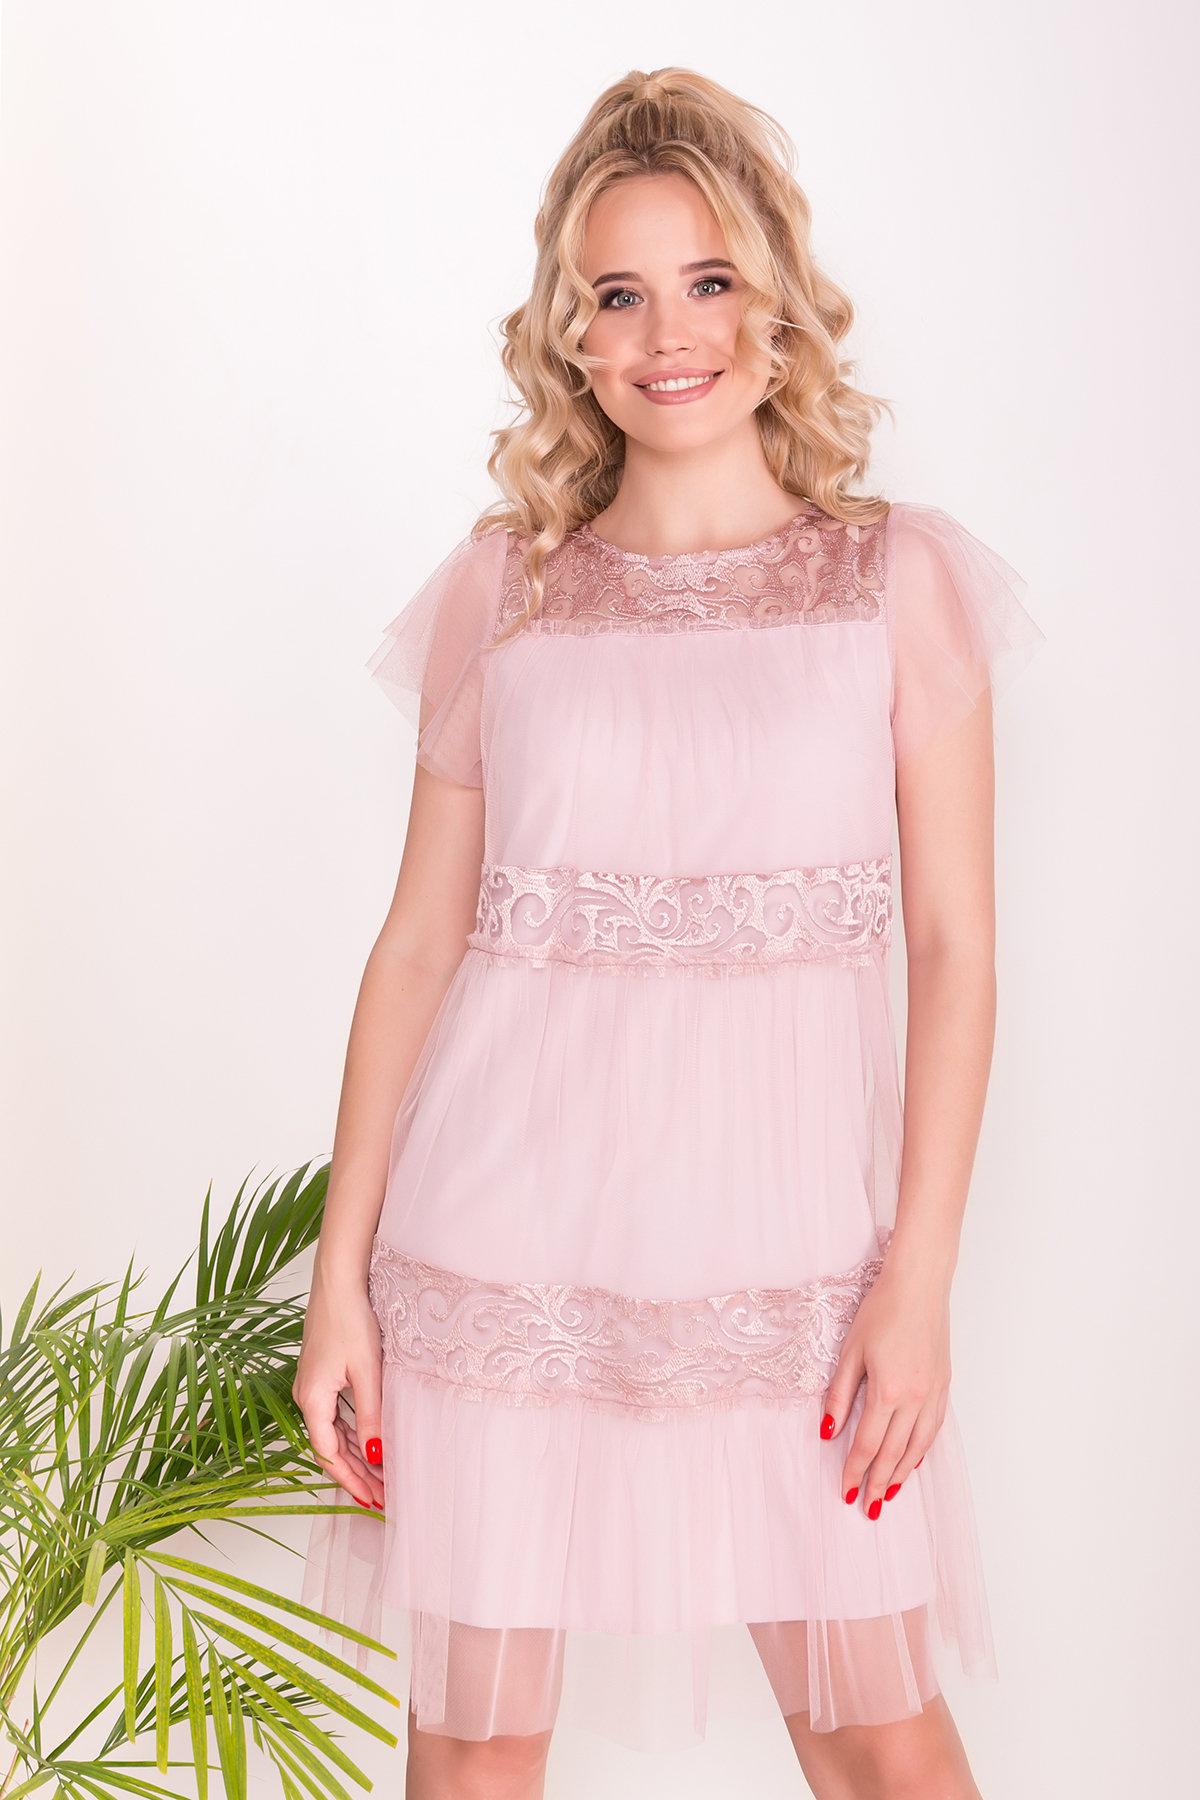 Платье Френсис  6485 АРТ. 41446 Цвет: Серо-розовый - фото 3, интернет магазин tm-modus.ru